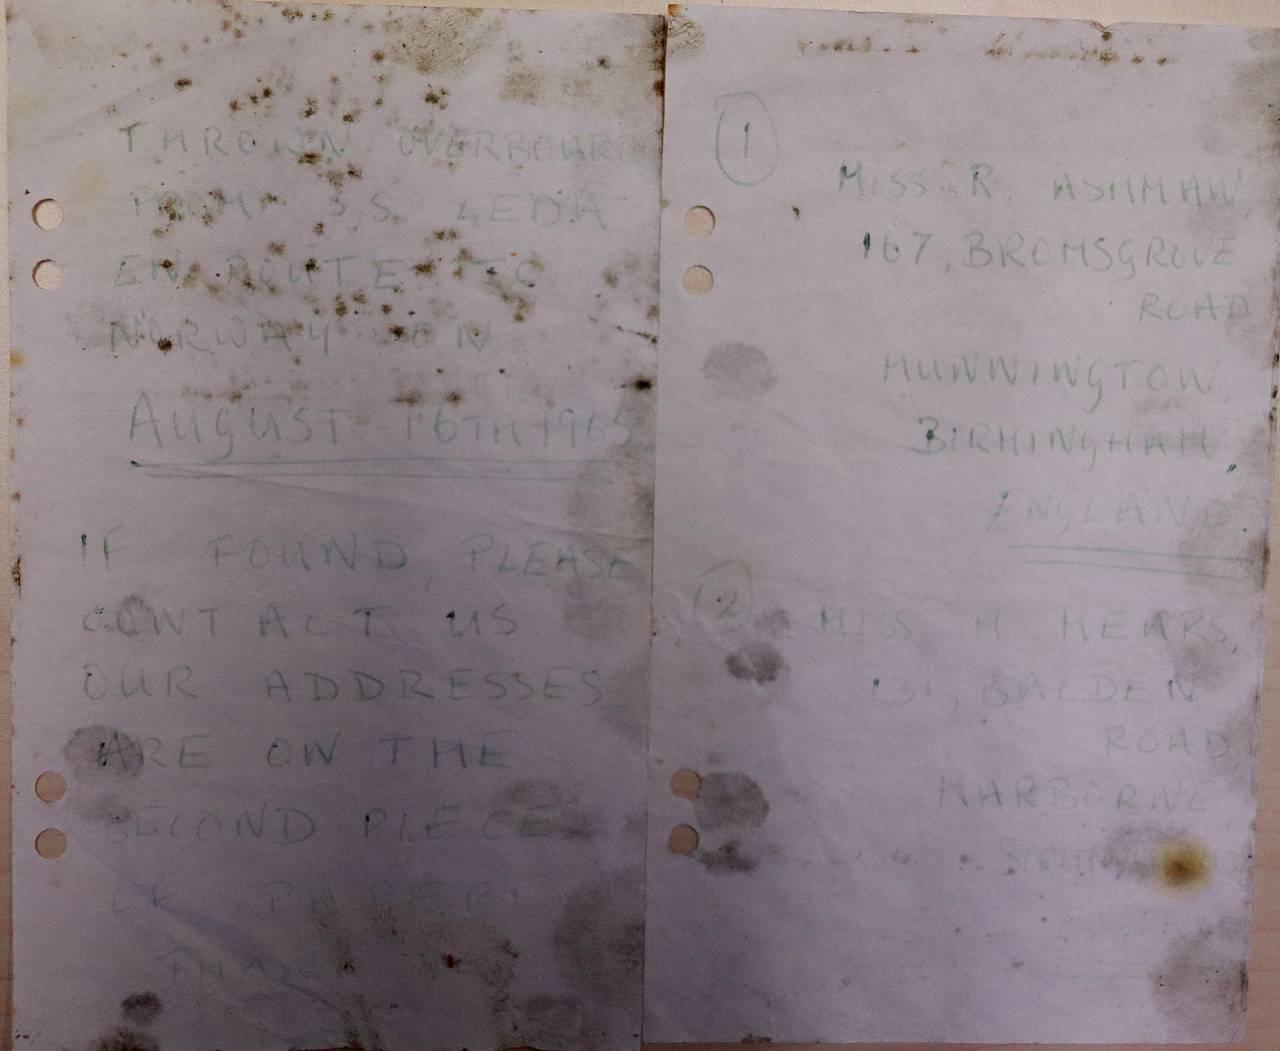 Flaskepost fra to engelske kvinner. Det er vanskelig å lese hva som står, men det kommer frem at brevet ble sendt fra båt på vei til Norge i august 1965.